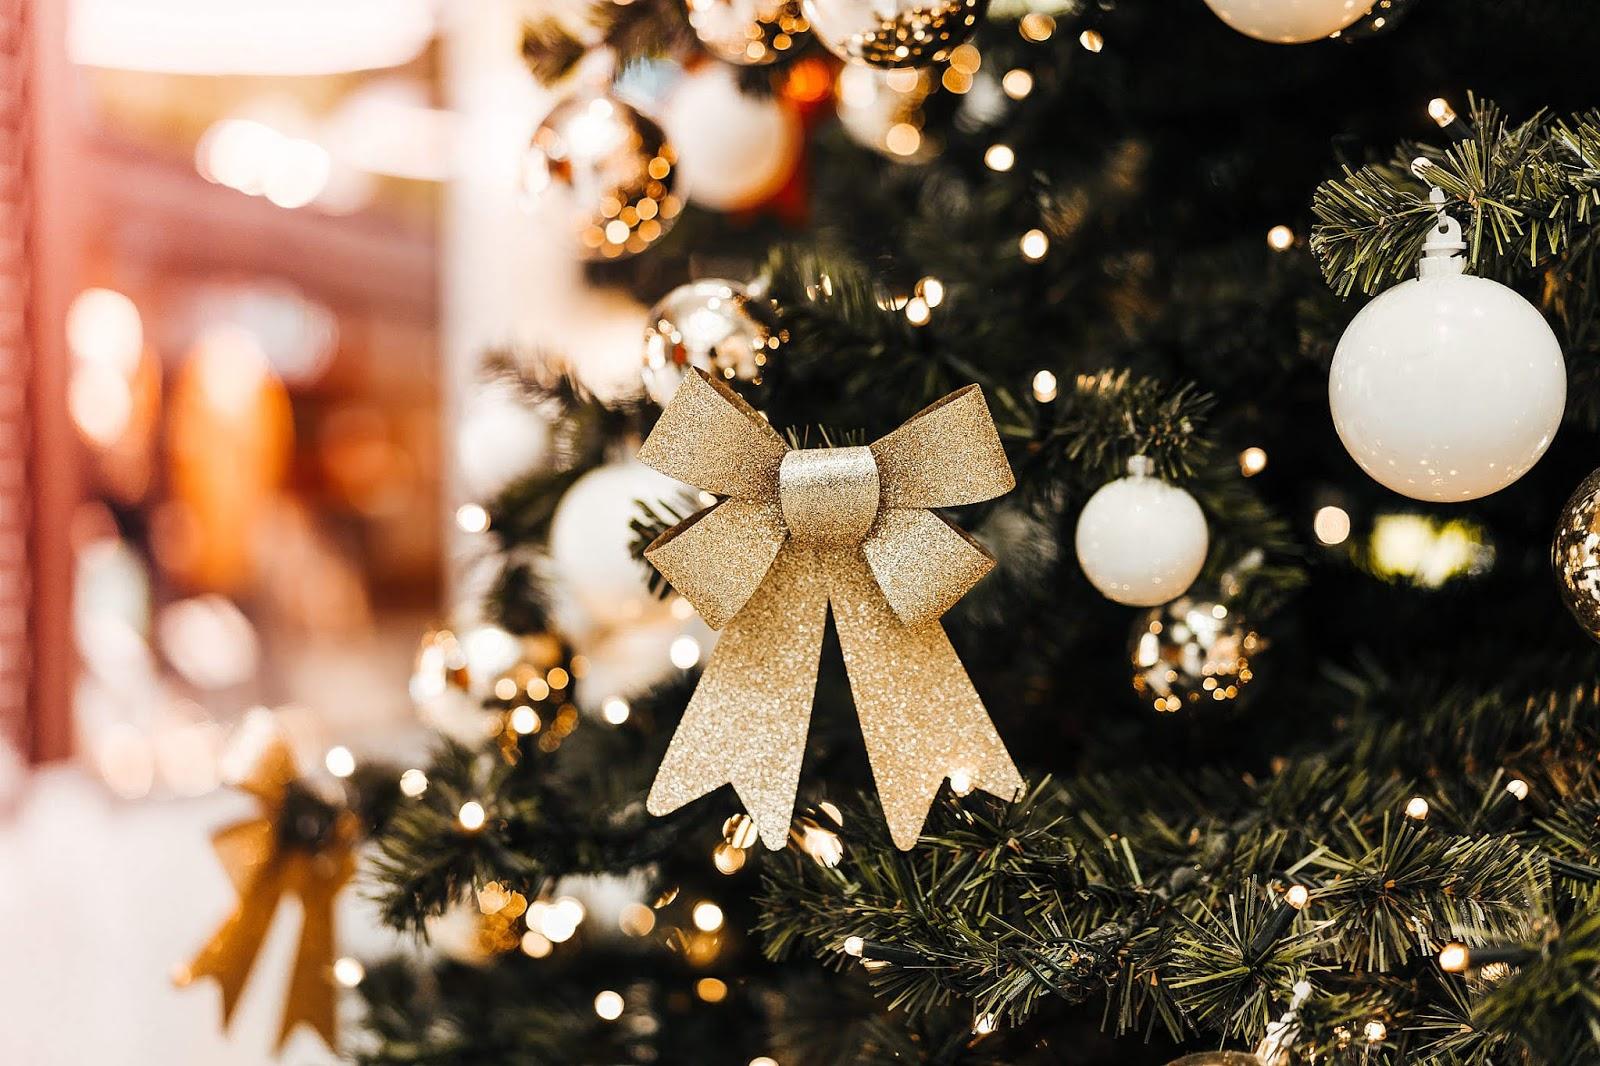 Jak przeżyć Święta Bożego Narodzenia?